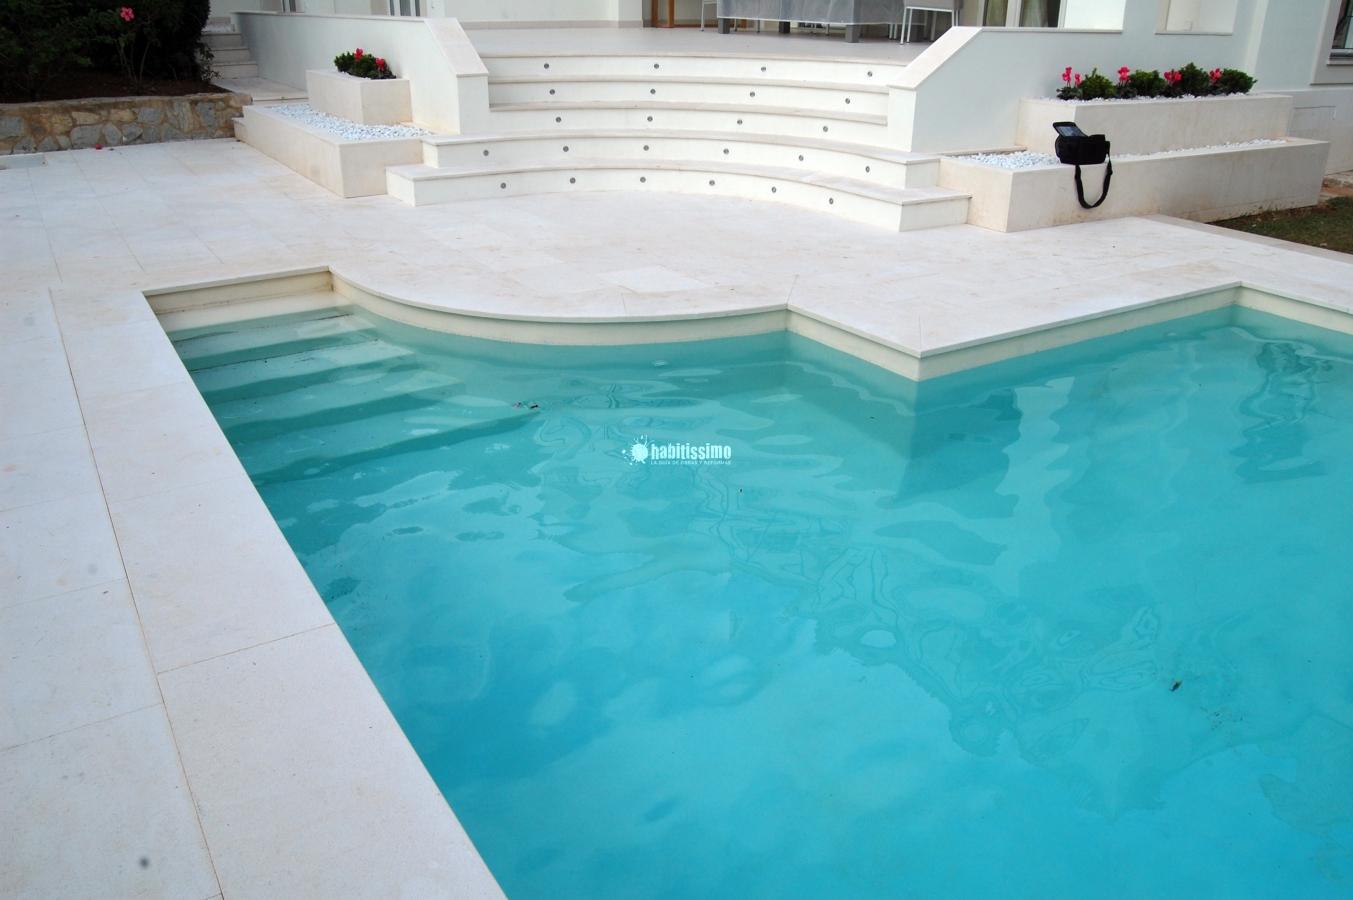 Microcemento en piscina y ba os vivienda son vida ideas - Microcemento para piscinas ...